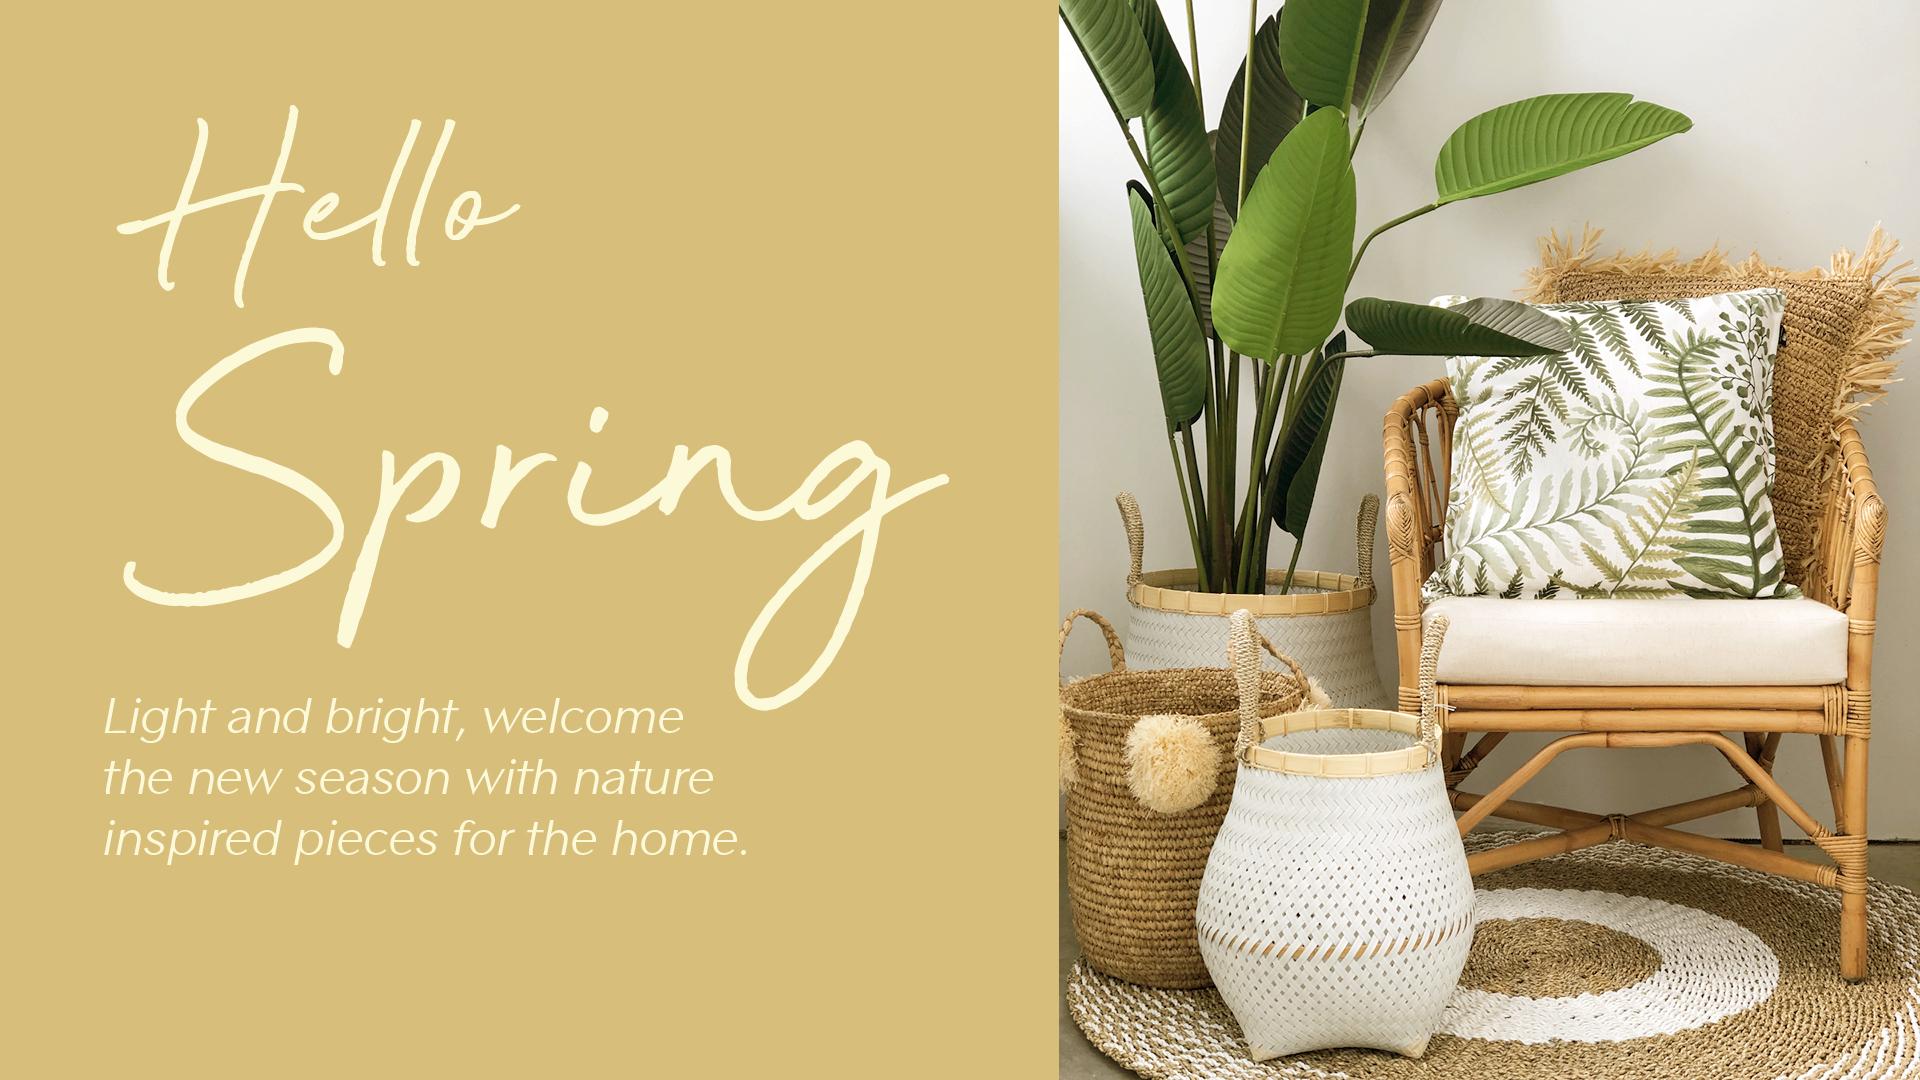 Spring-hero-banner